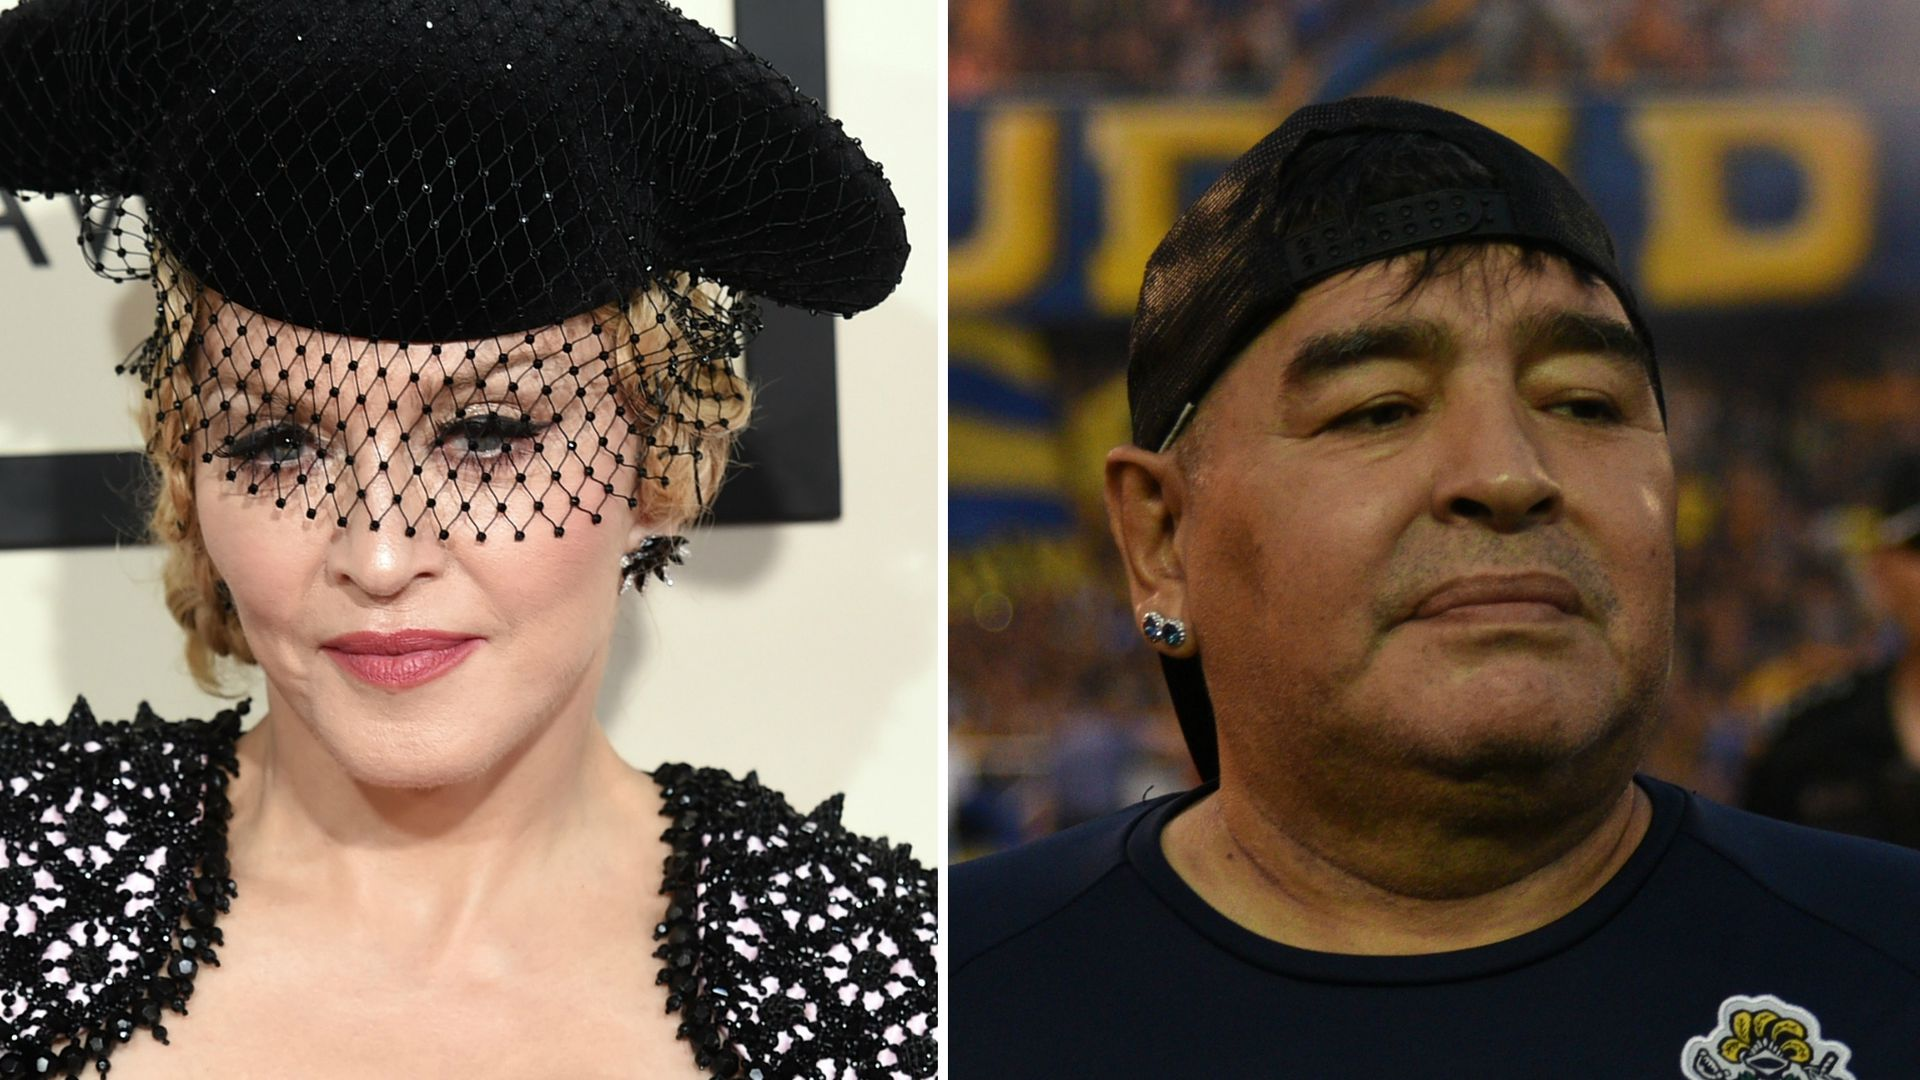 Unangenehm-Fans-trauerten-um-Madonna-statt-um-Maradona